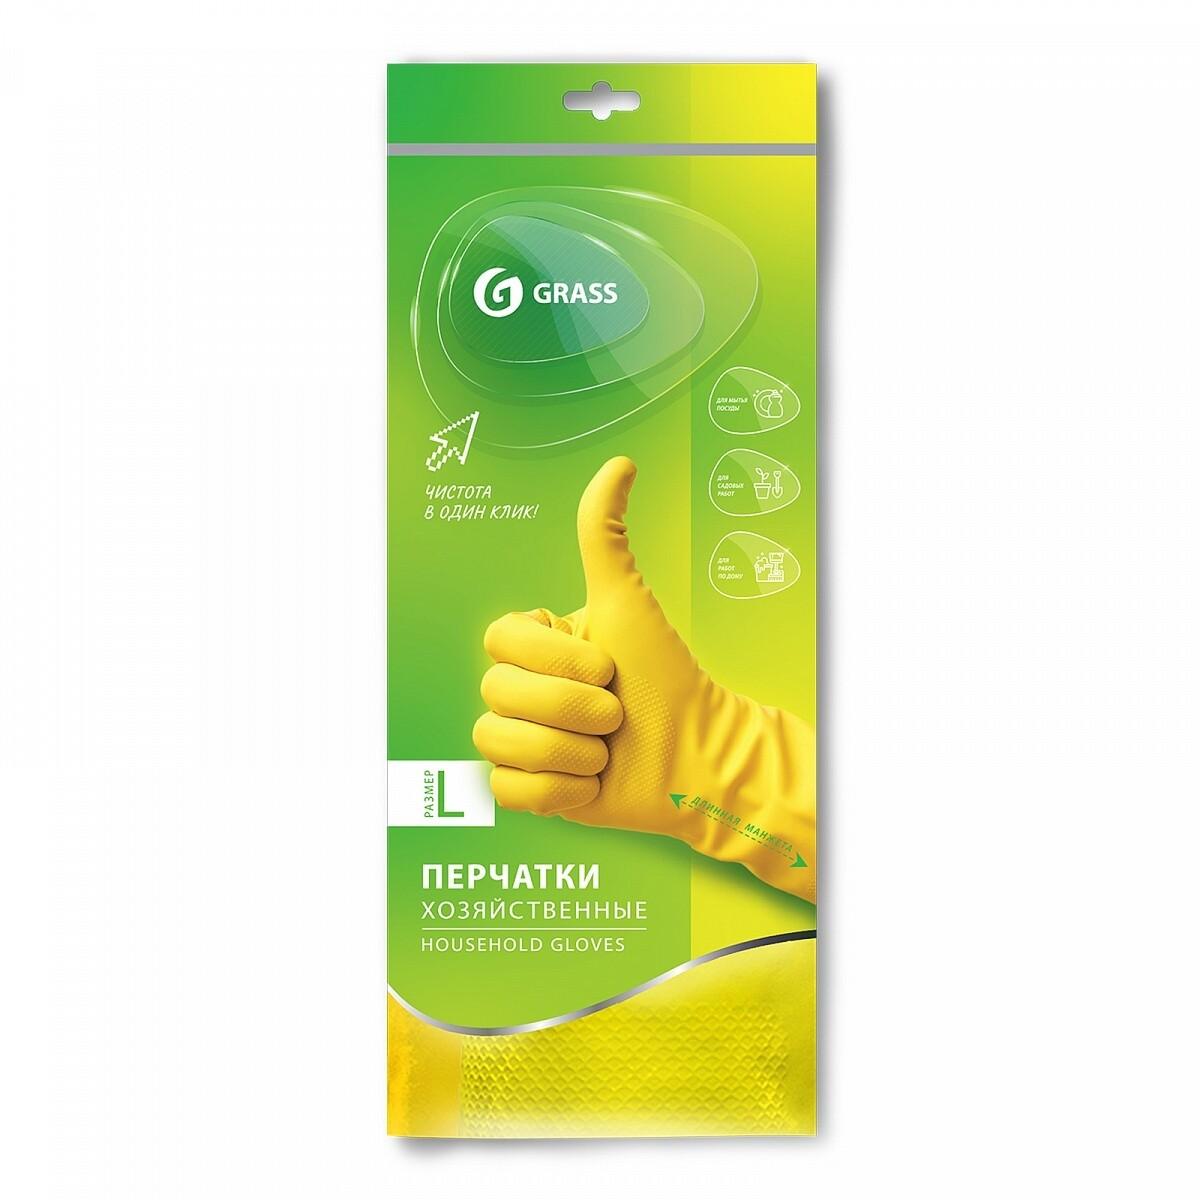 Перчатки хозяйственные латексные в индивидуальной упаковке, желтые, размер L (пара)